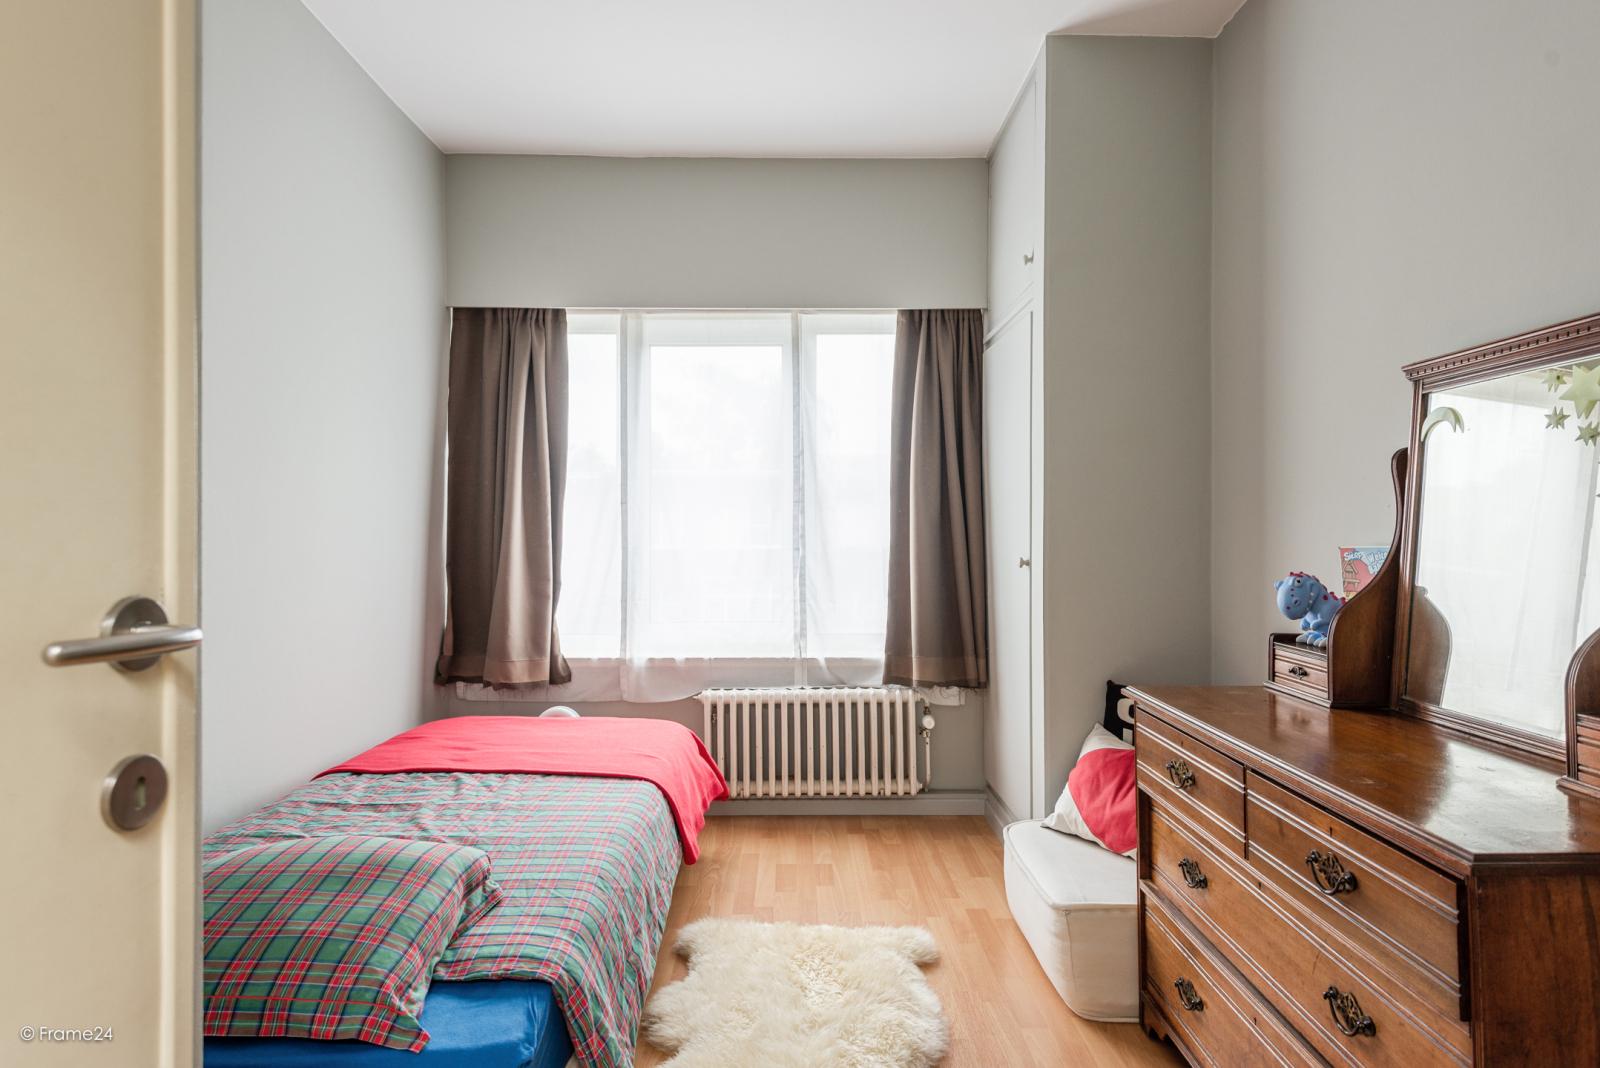 Zeer ruime en volledig instapklare bel-étagewoning met 4 slaapkamers te Wilrijk! afbeelding 12